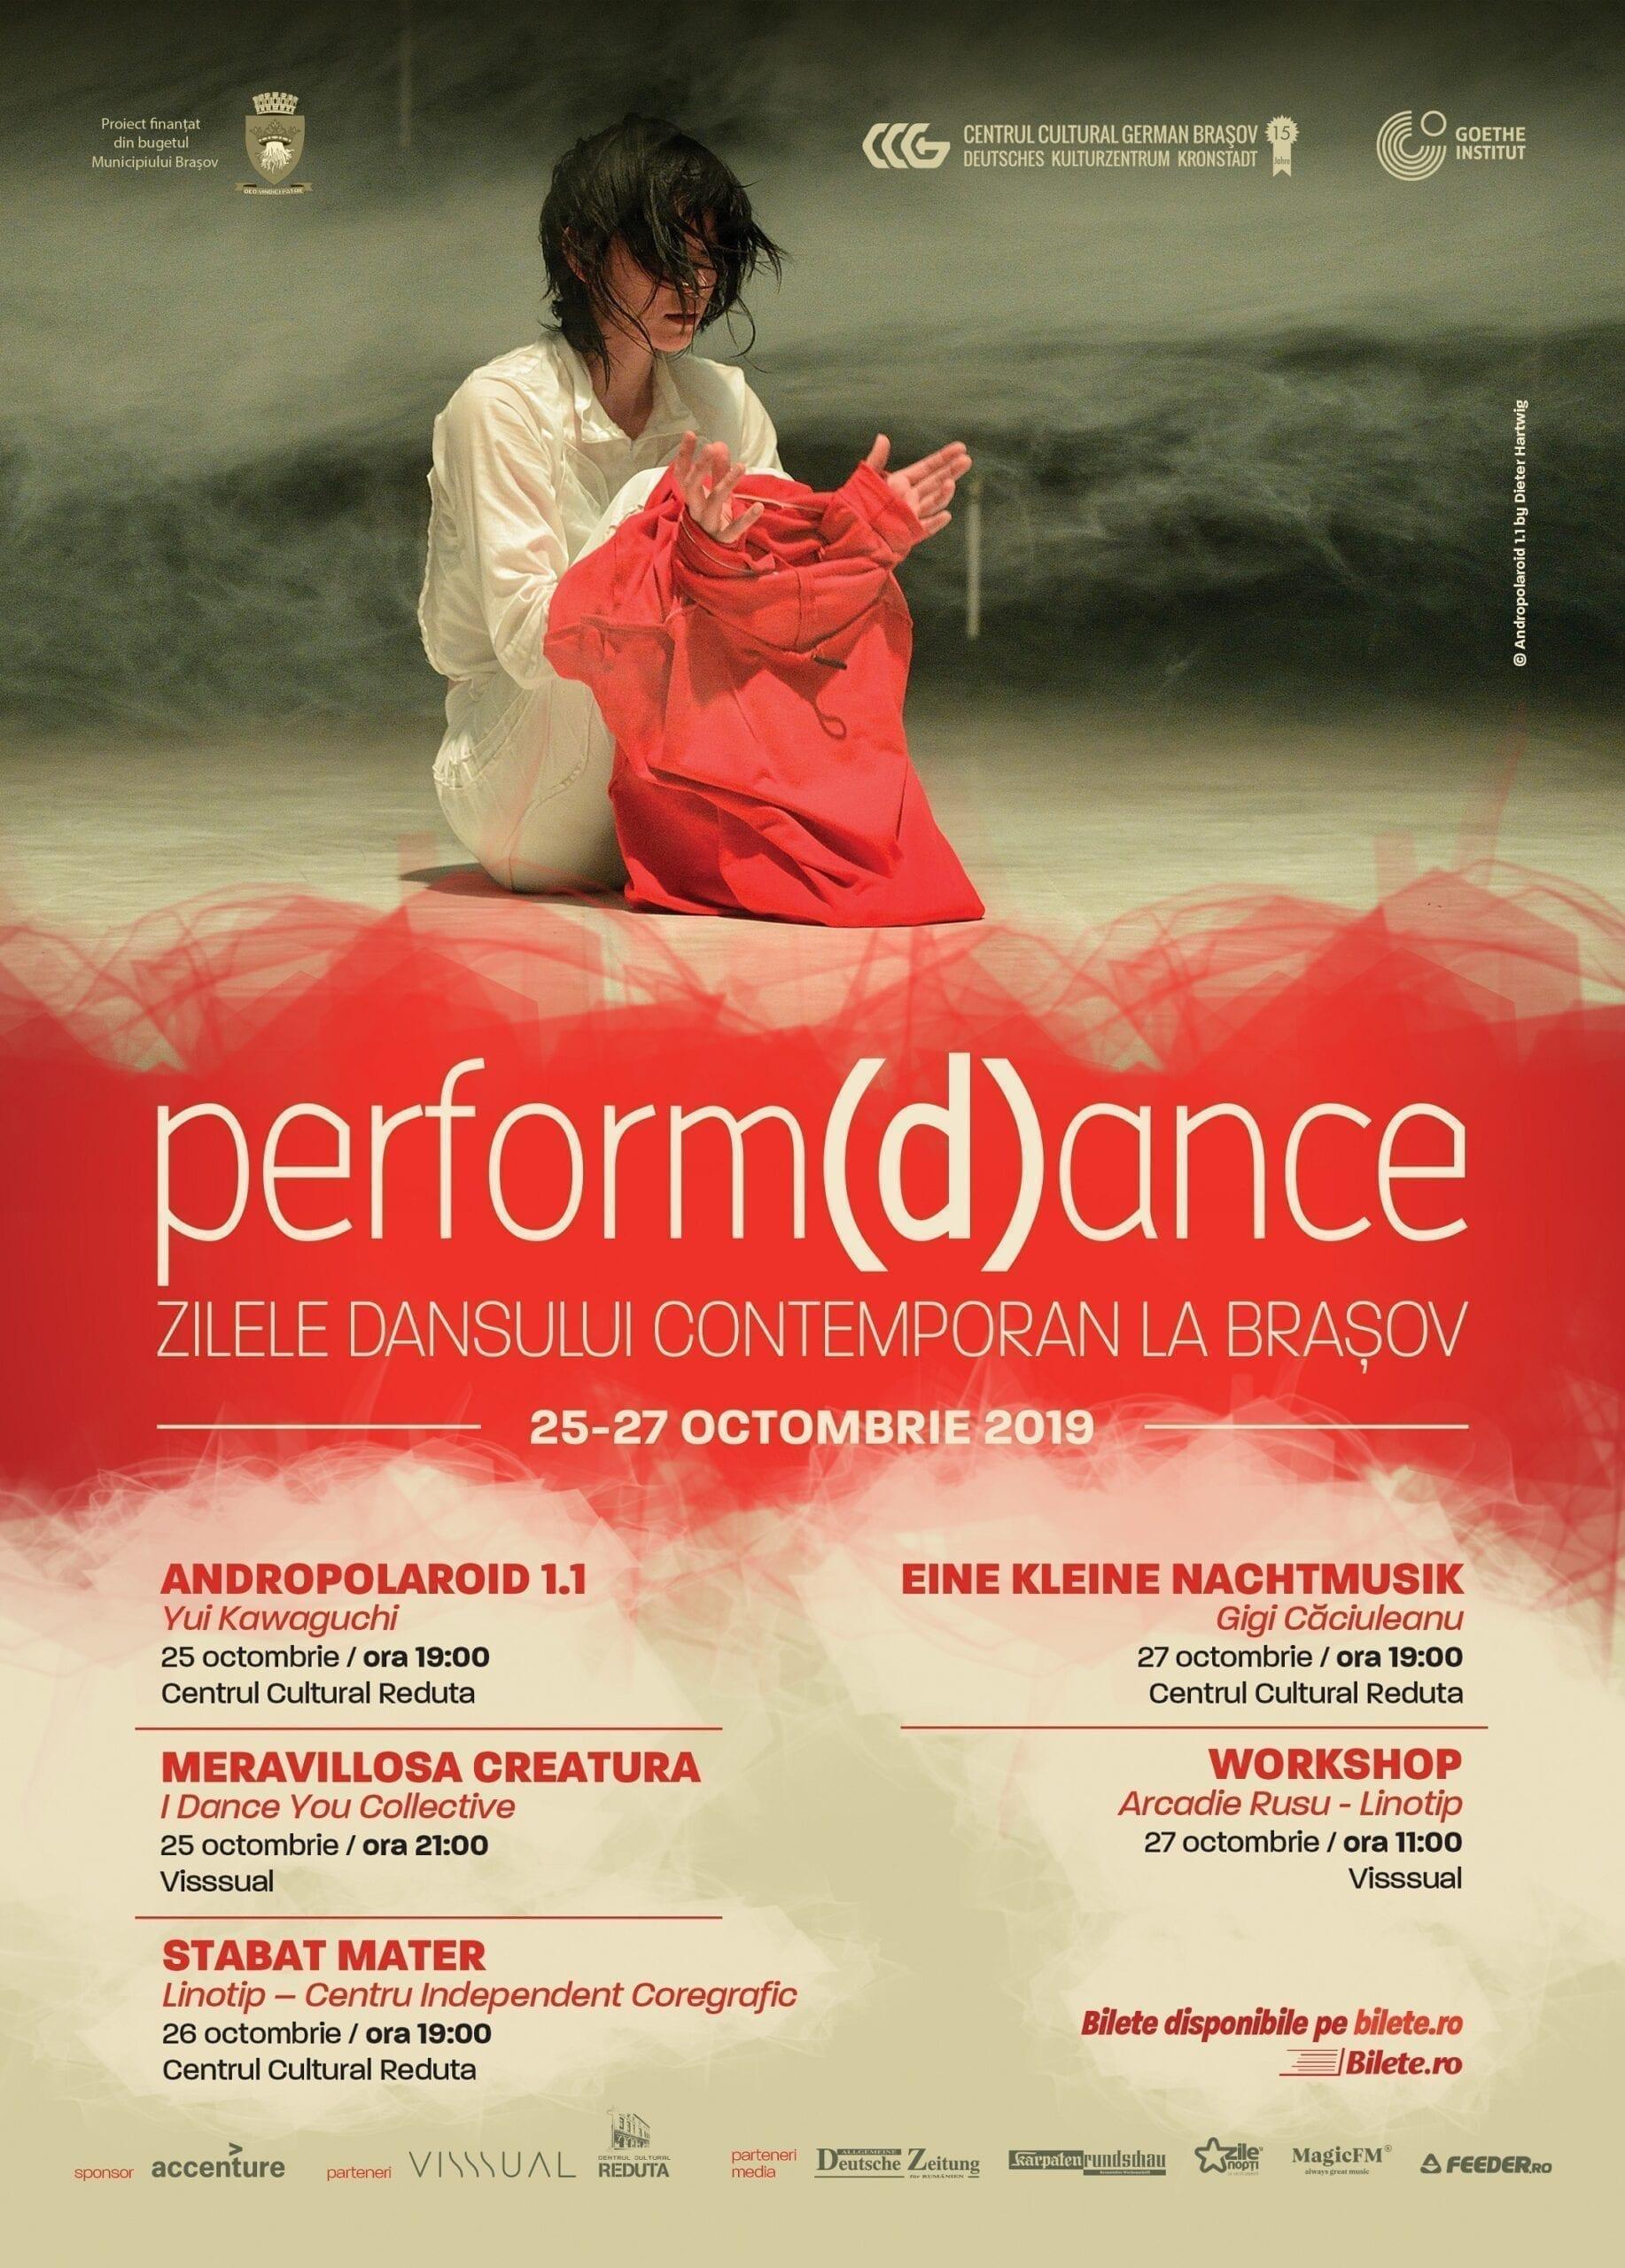 Perform(d)ance – Zilele dansului contemporan la Brașov, ediția a 3-a